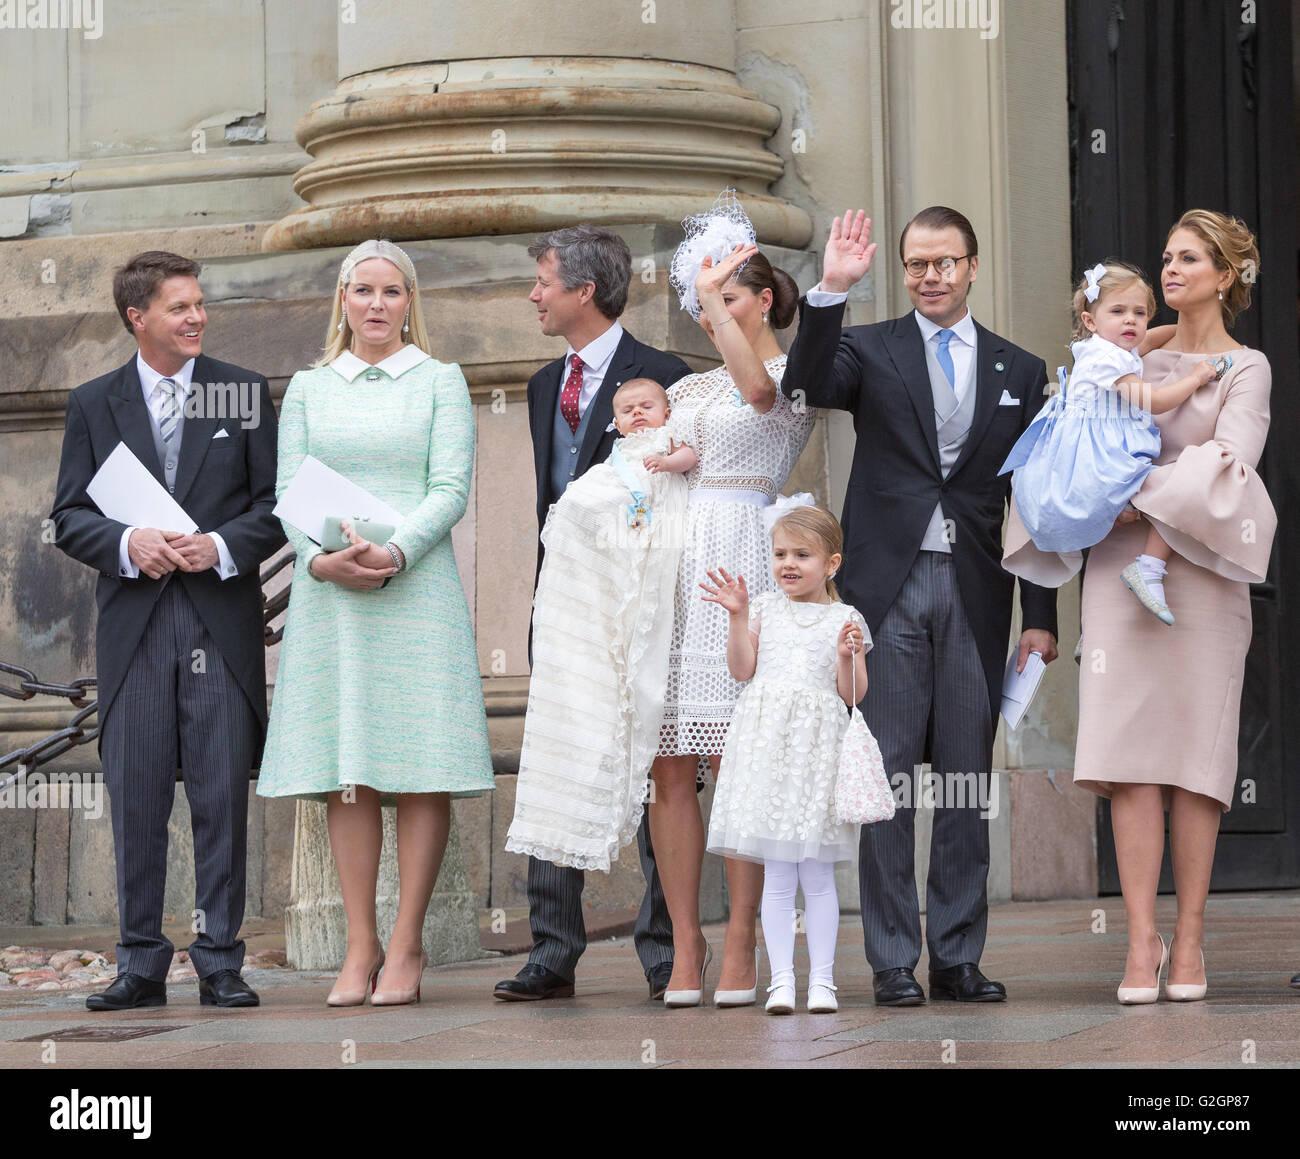 Baby-Prinz Oscar von Schwedens Taufe - Victoria, Daniel und Estelle Welle Stockbild